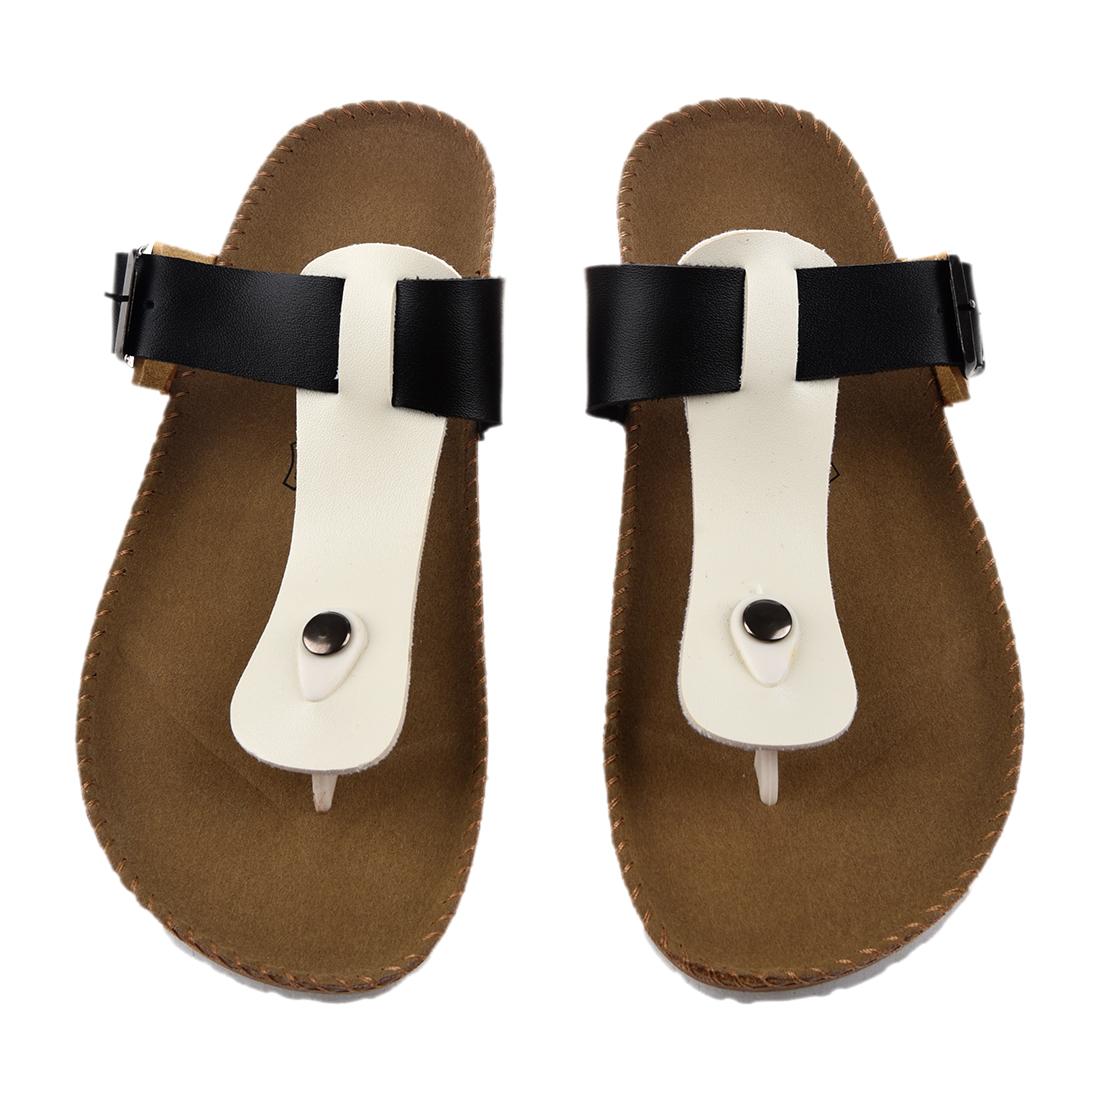 RUIZUU-Chancletas-deportivas-Sandalias-de-playa-Zapatillas-de-Mujer-Hombres-PB miniatura 6